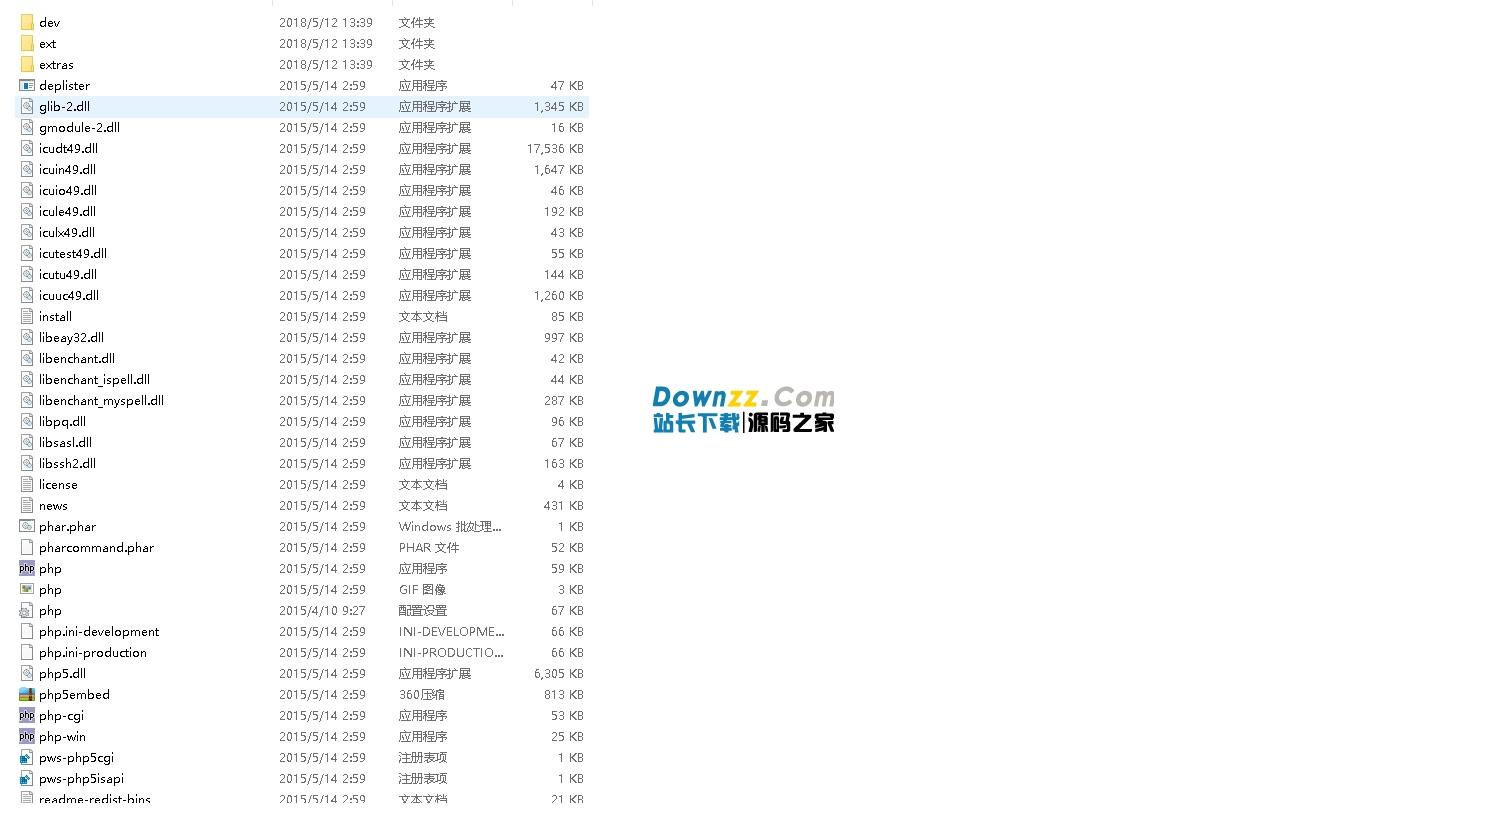 php-5.4.41-nts-Win32-VC9-x86